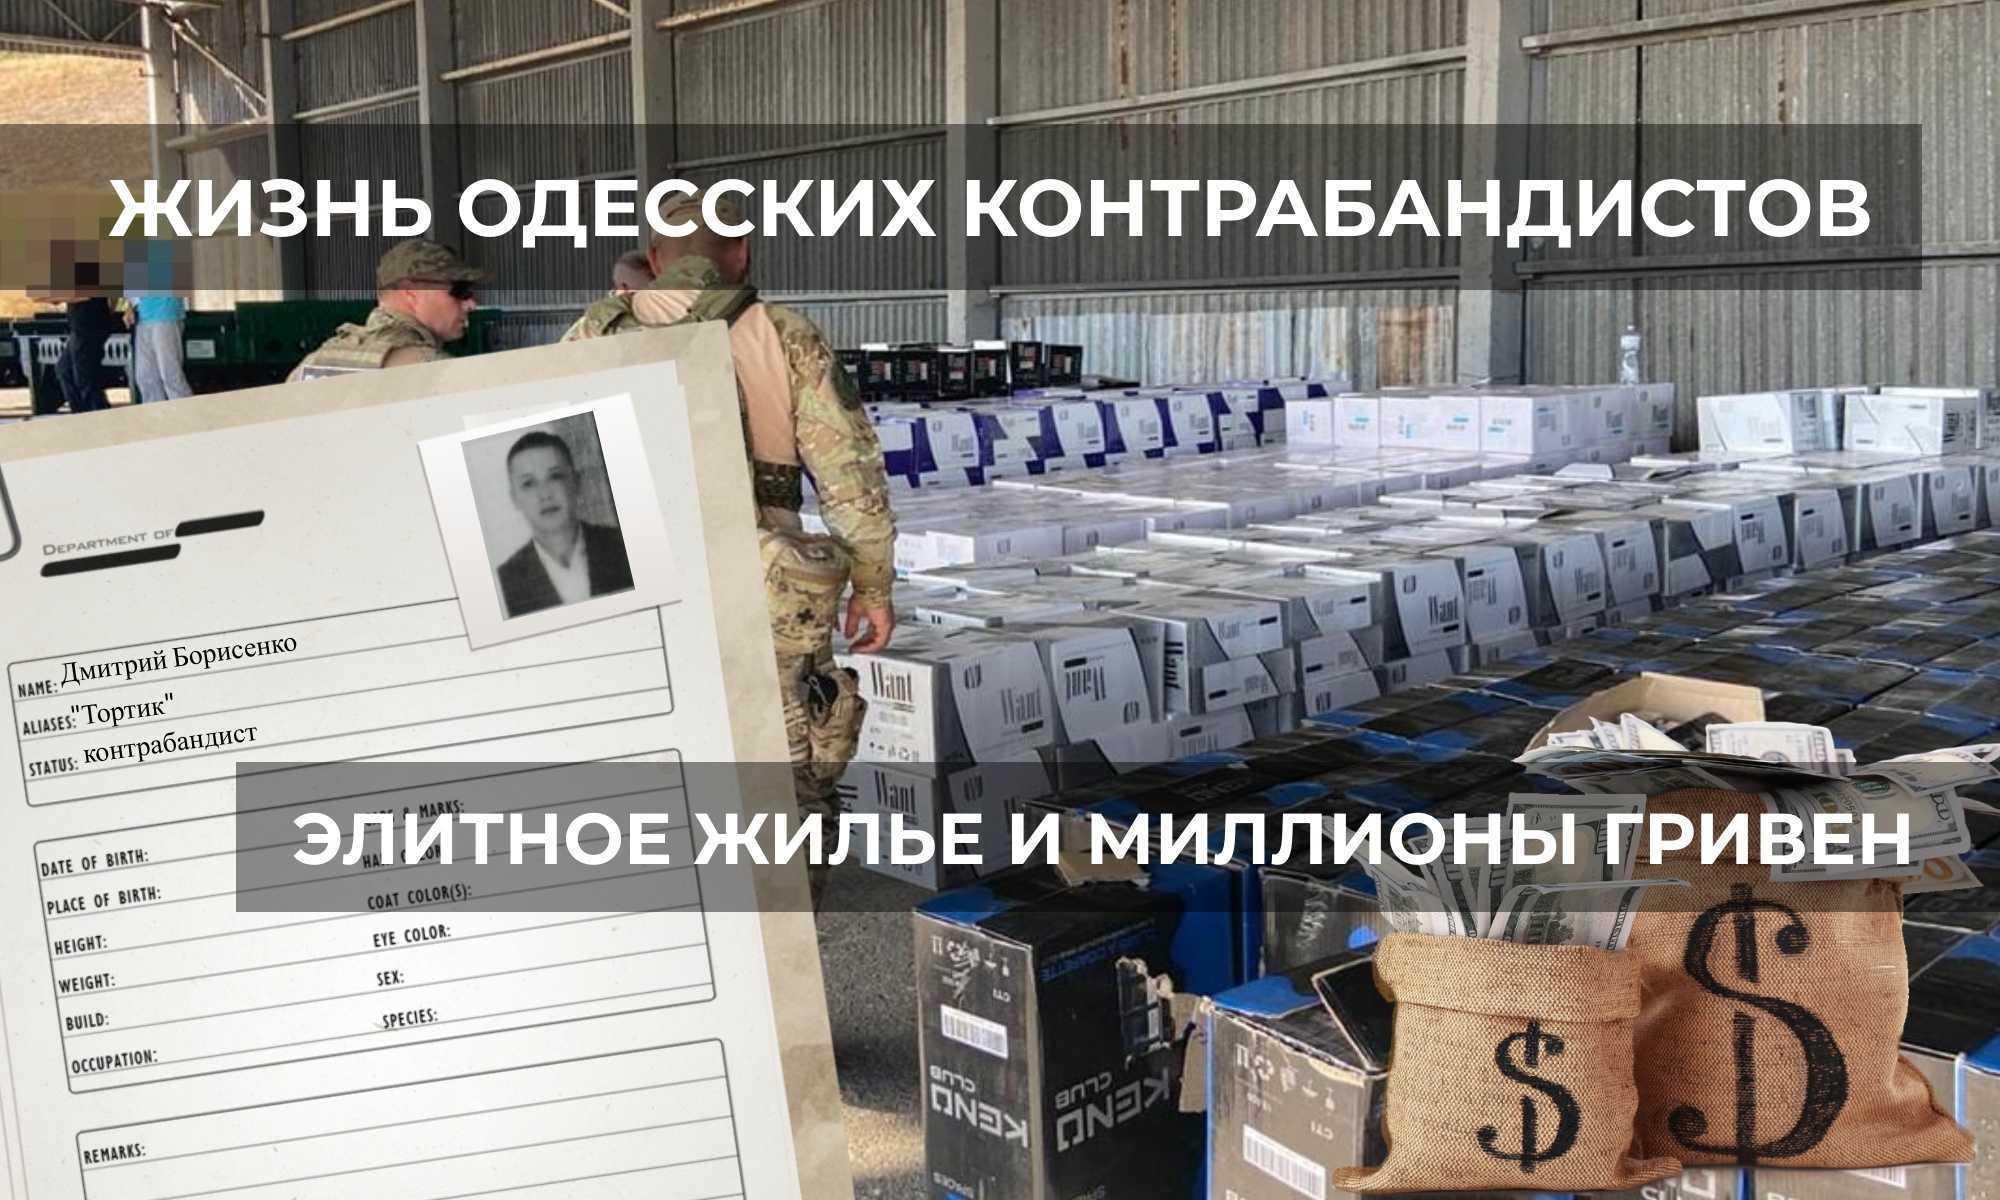 Борисенко Дмитрий Валерьевич (Дима «Тортик») неприкасаемый контрабандист для СНБО и СБУ